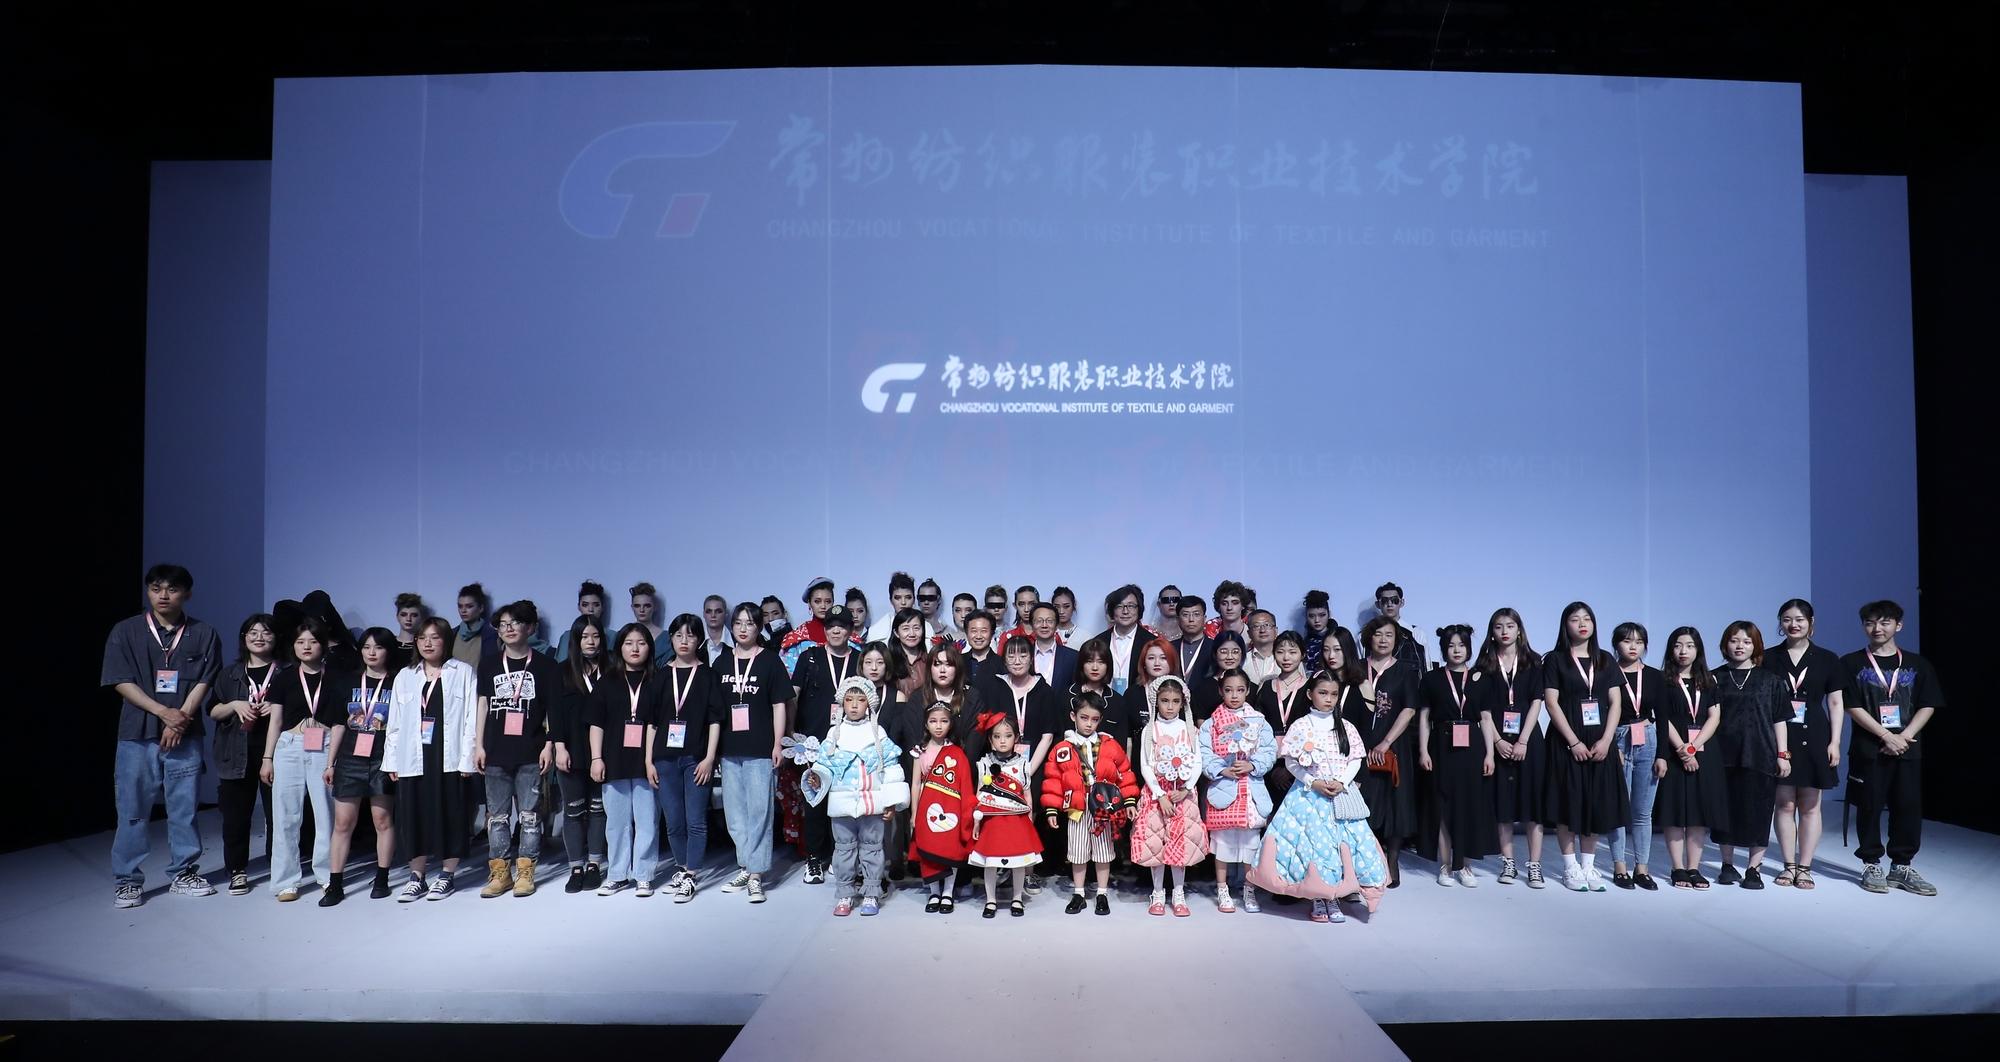 2019中国国际大学生时装周,常州纺院毕业设计作品精彩呈现